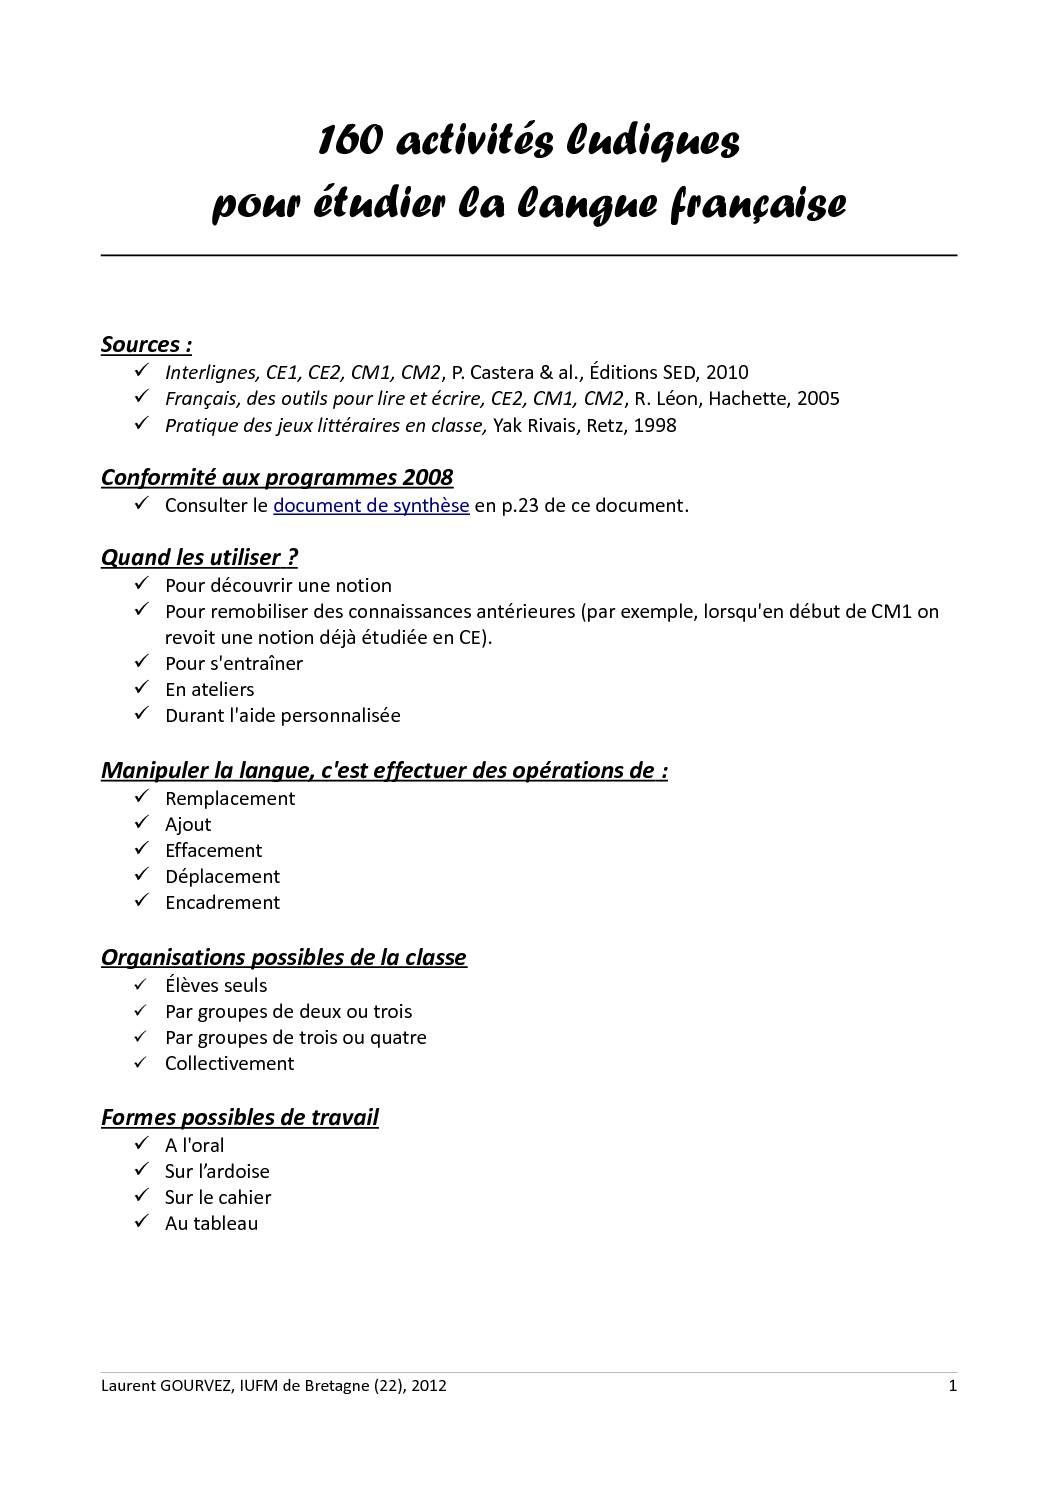 60 activités ludiques pour étudier la langue française